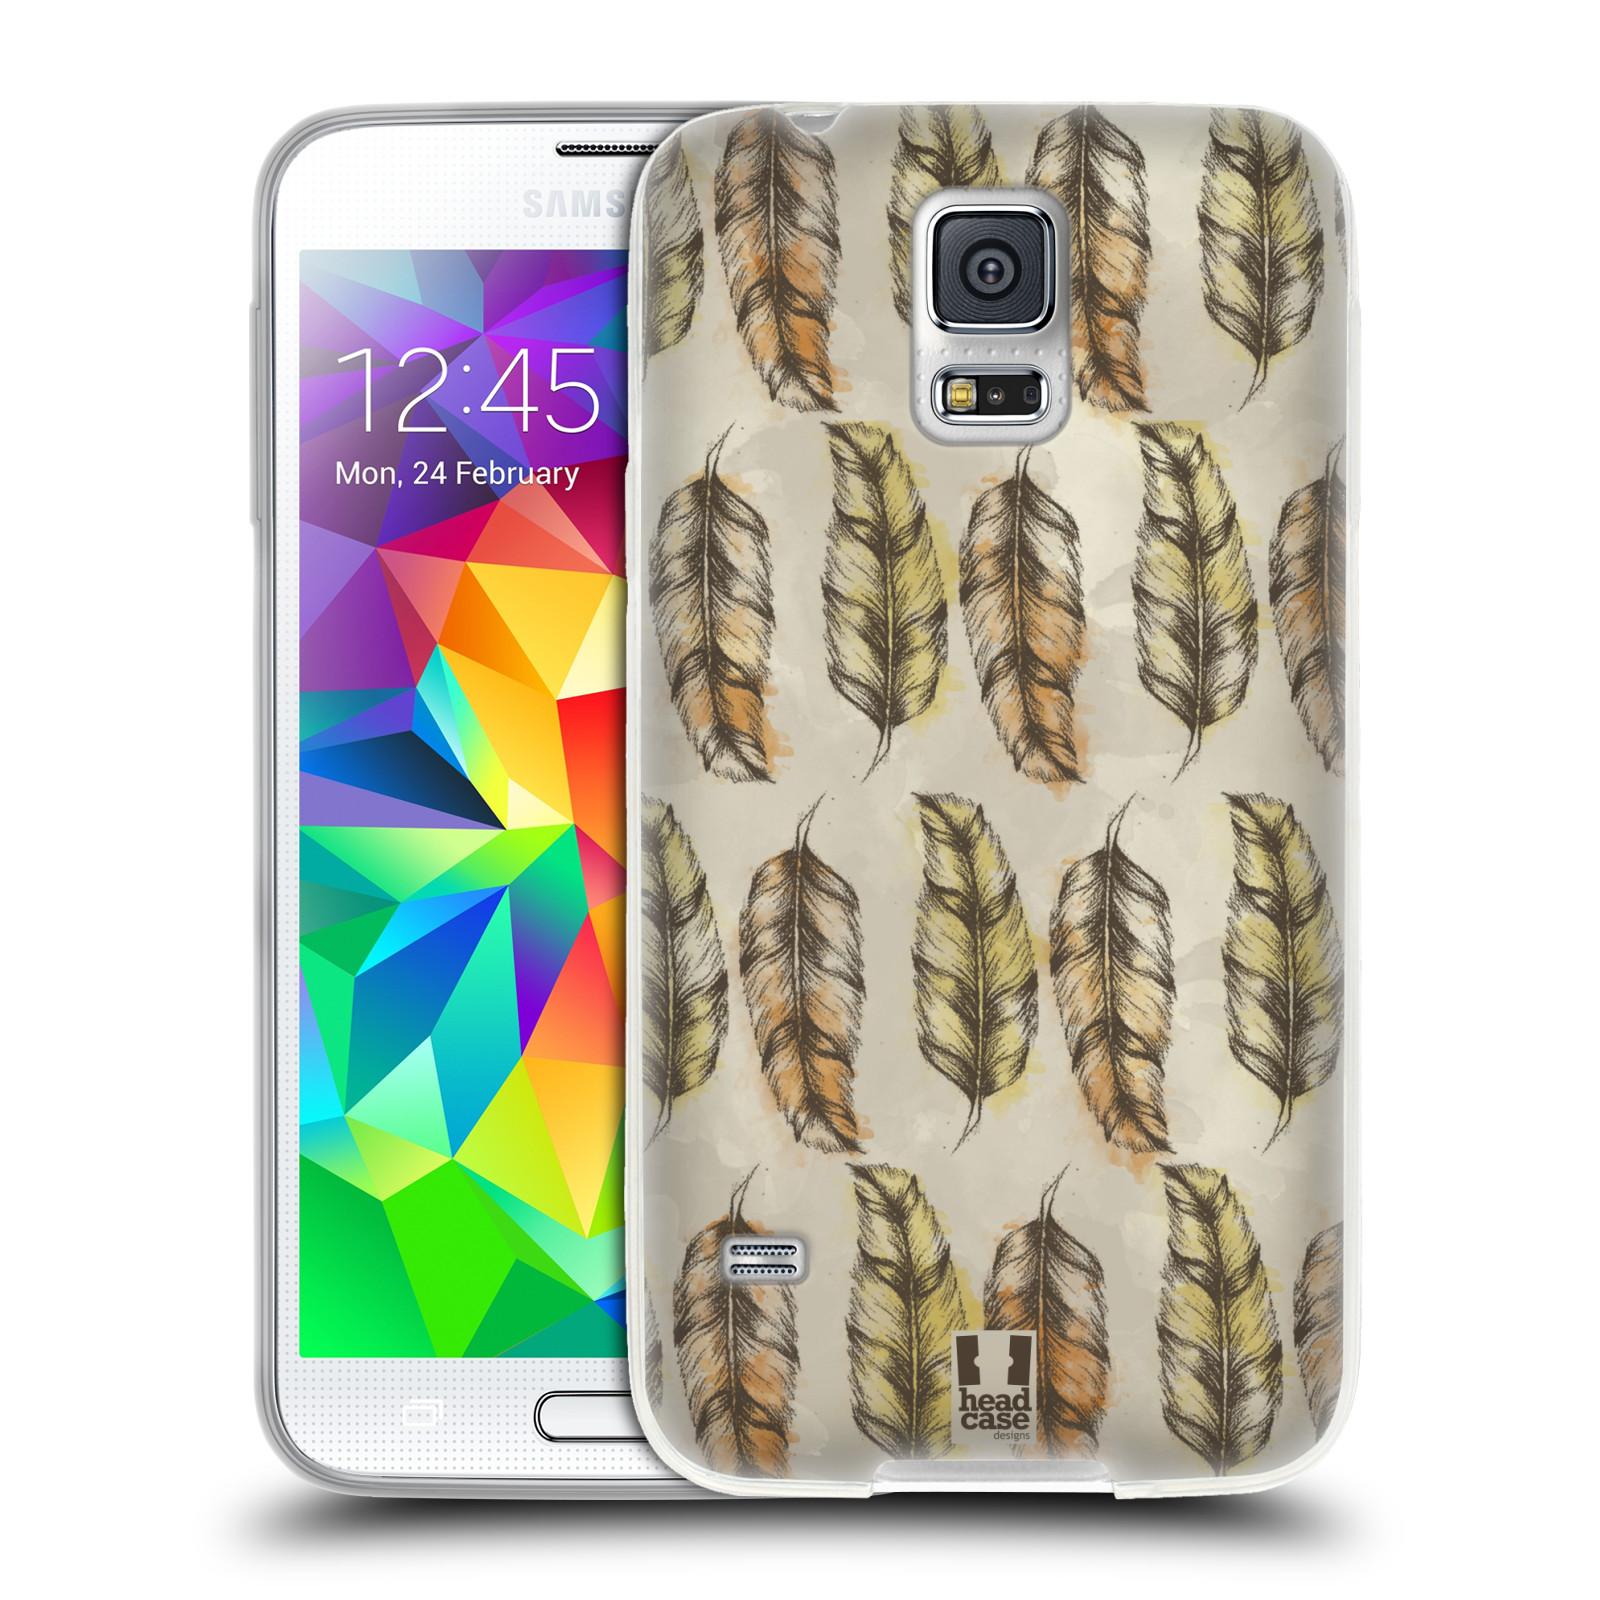 Silikonové pouzdro na mobil Samsung Galaxy S5 - Head Case - Bohémská pírka (Silikonový kryt či obal na mobilní telefon s motivem Bohemian Soul pro Samsung Galaxy S5 SM-G900F)